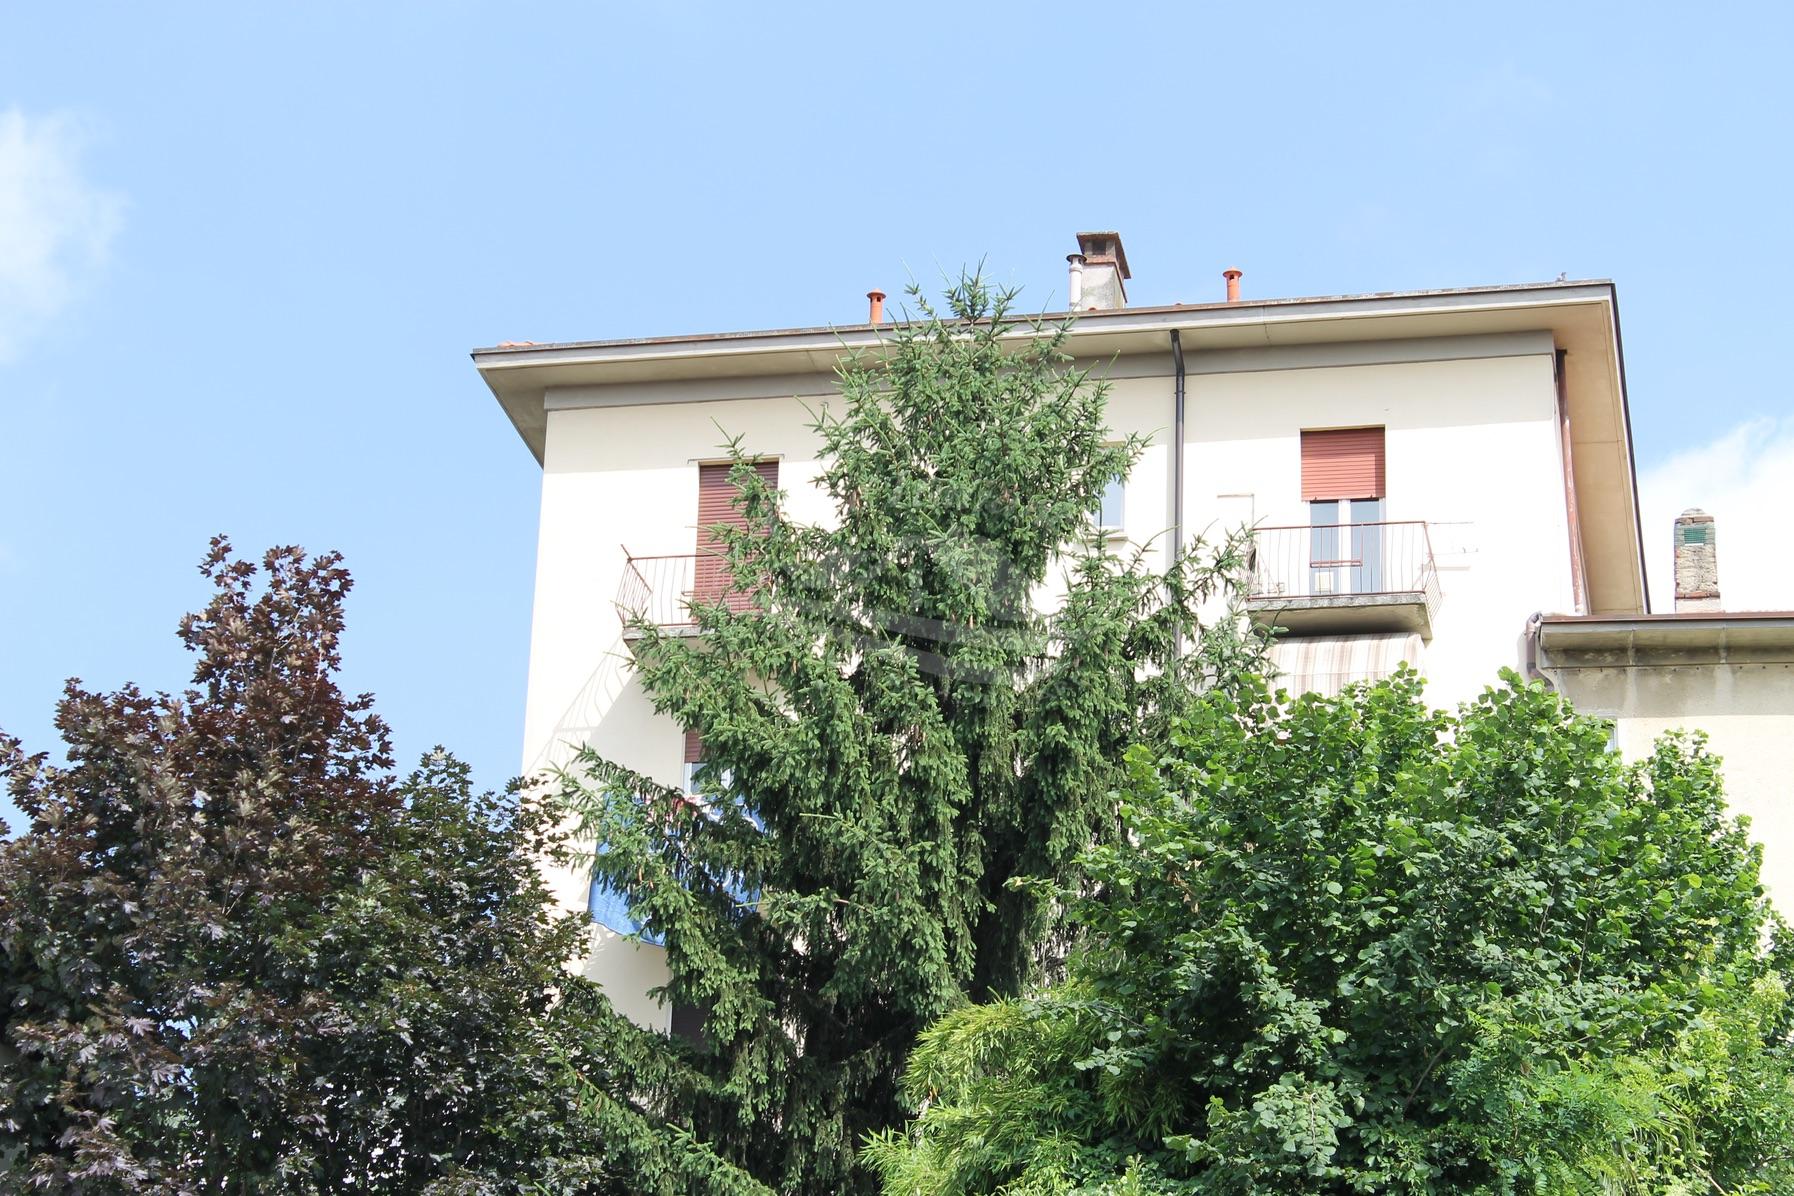 Trilocale con 2 balconi a Figino Serenza